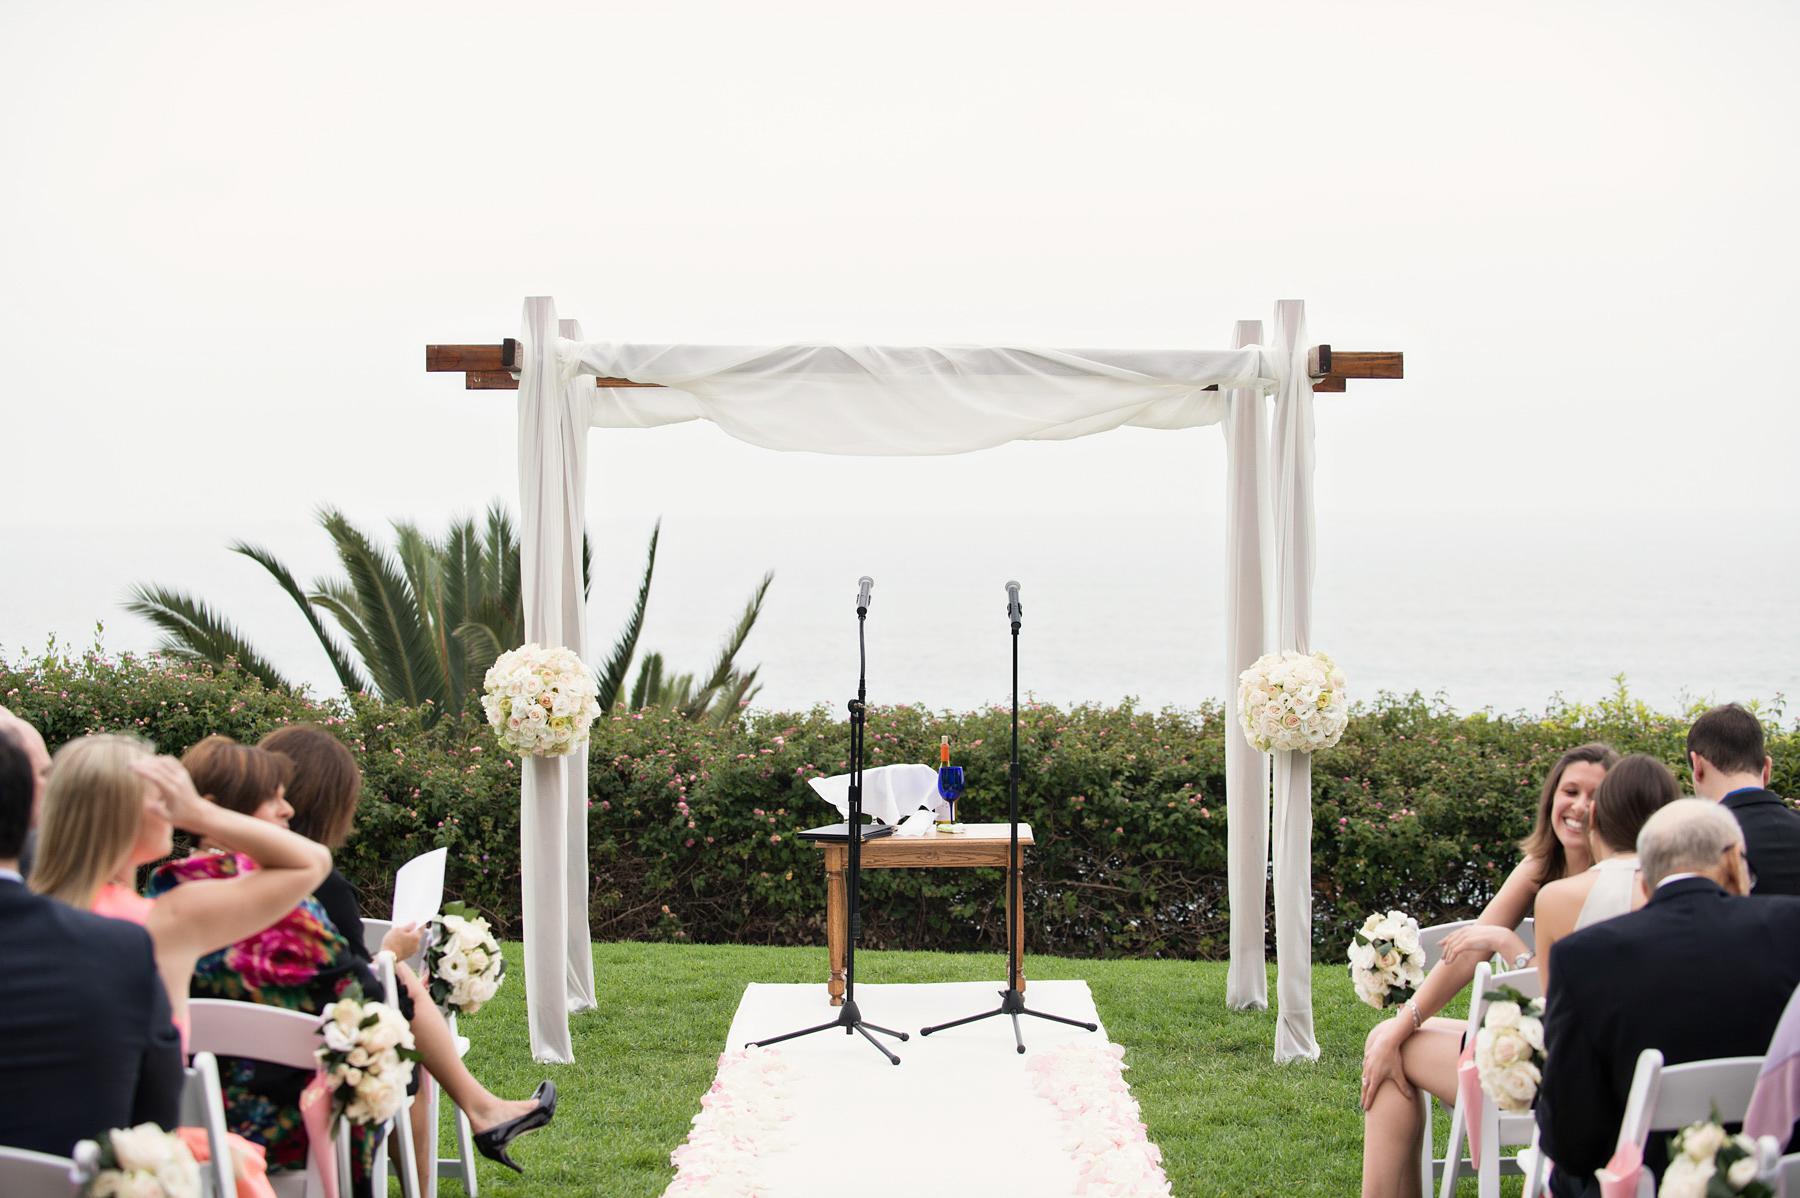 bel-air-bay-club-wedding-DG-08.jpg